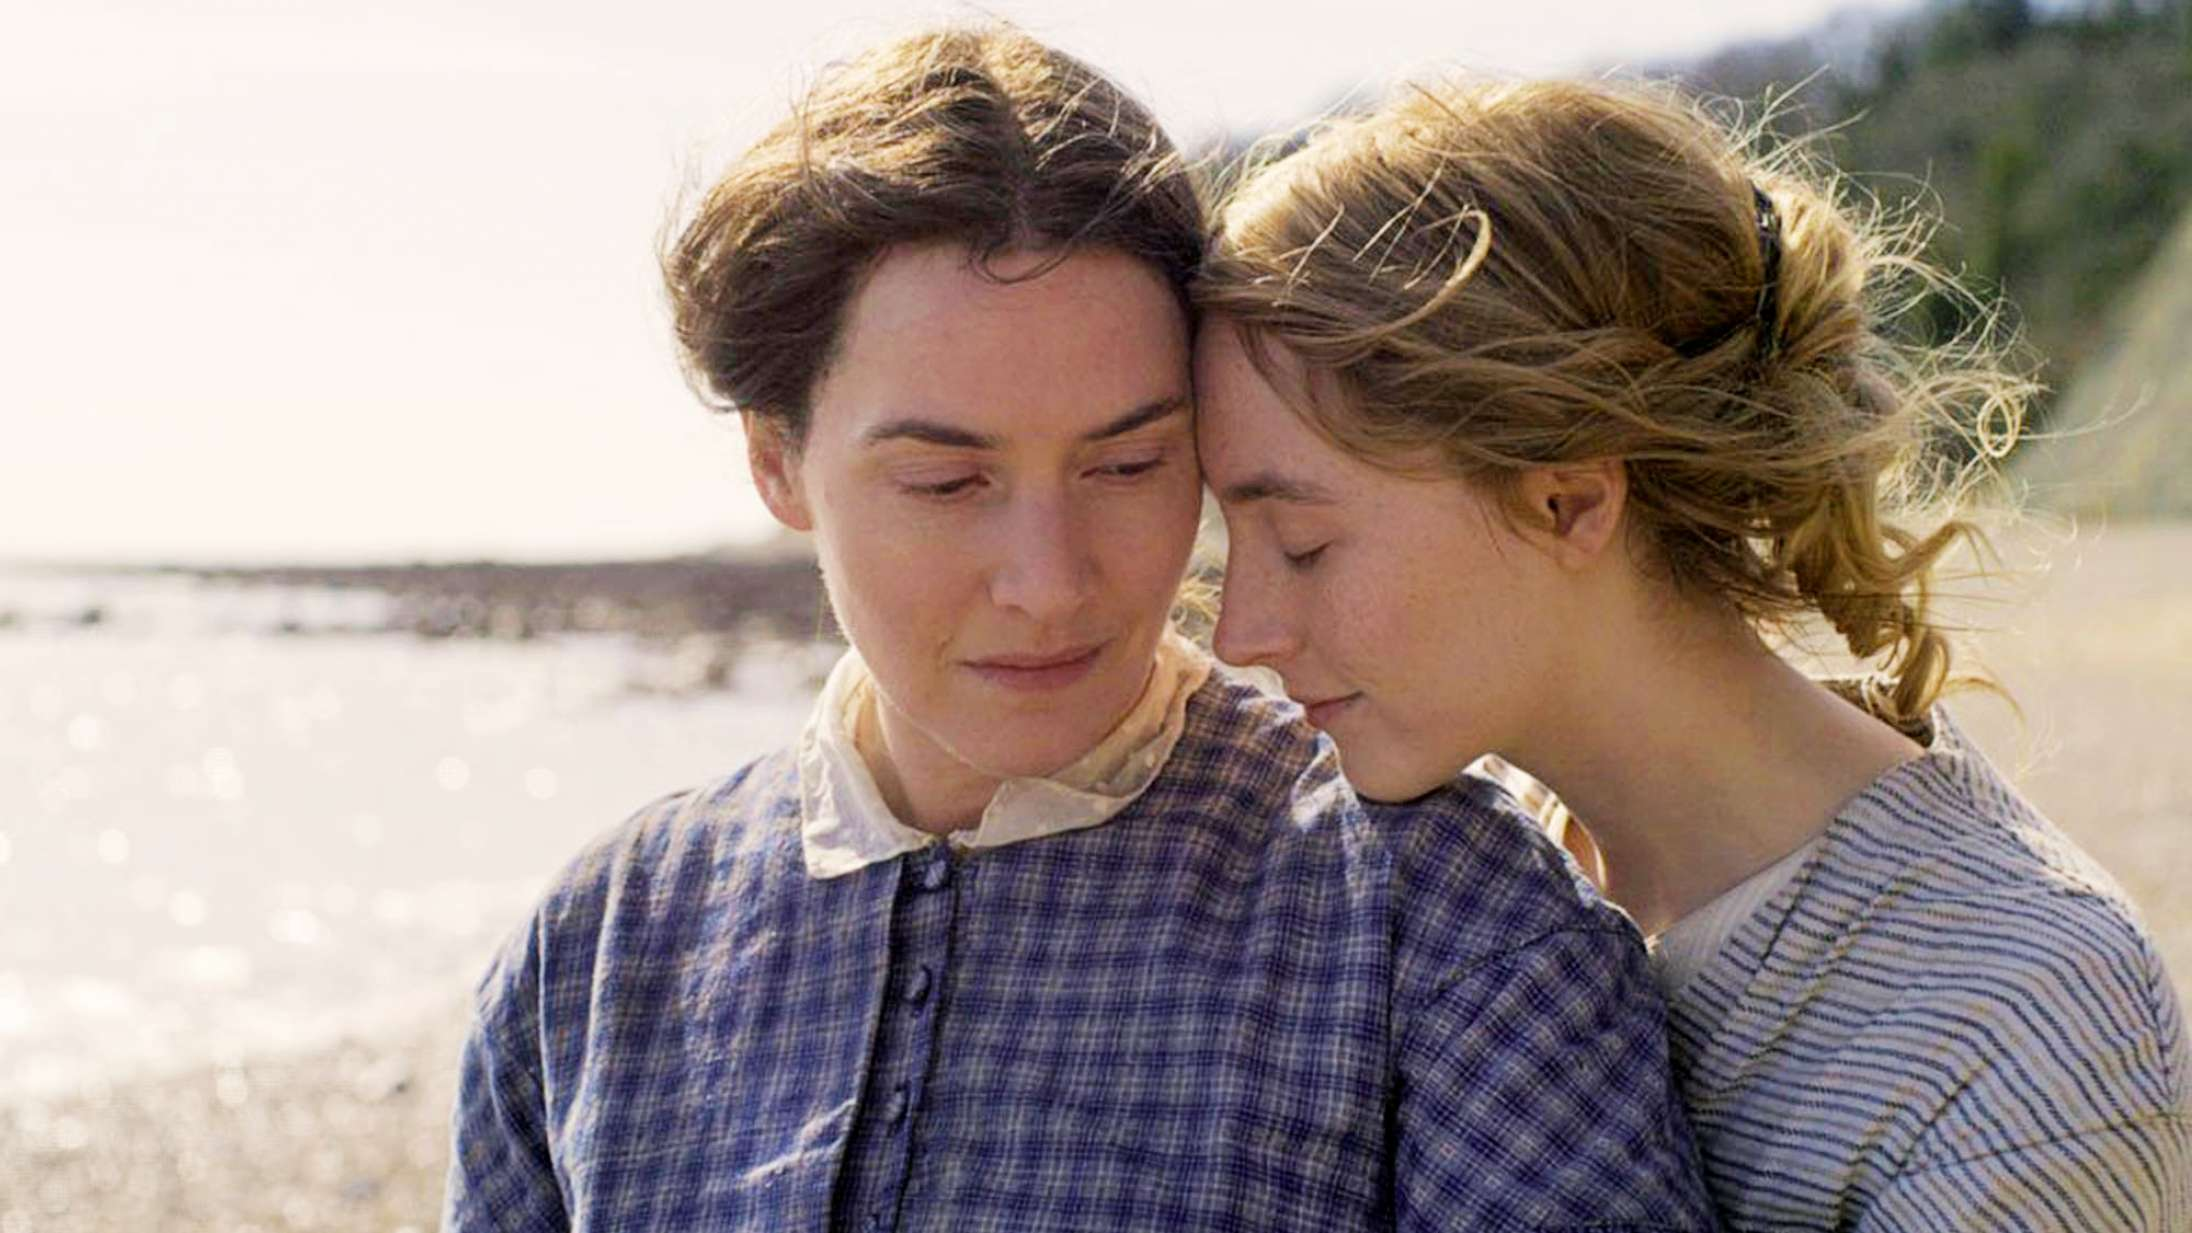 'Ammonite': Kærlighedsfilm med Saoirse Ronan og Kate Winslet rummer en sexscene til historiebøgerne